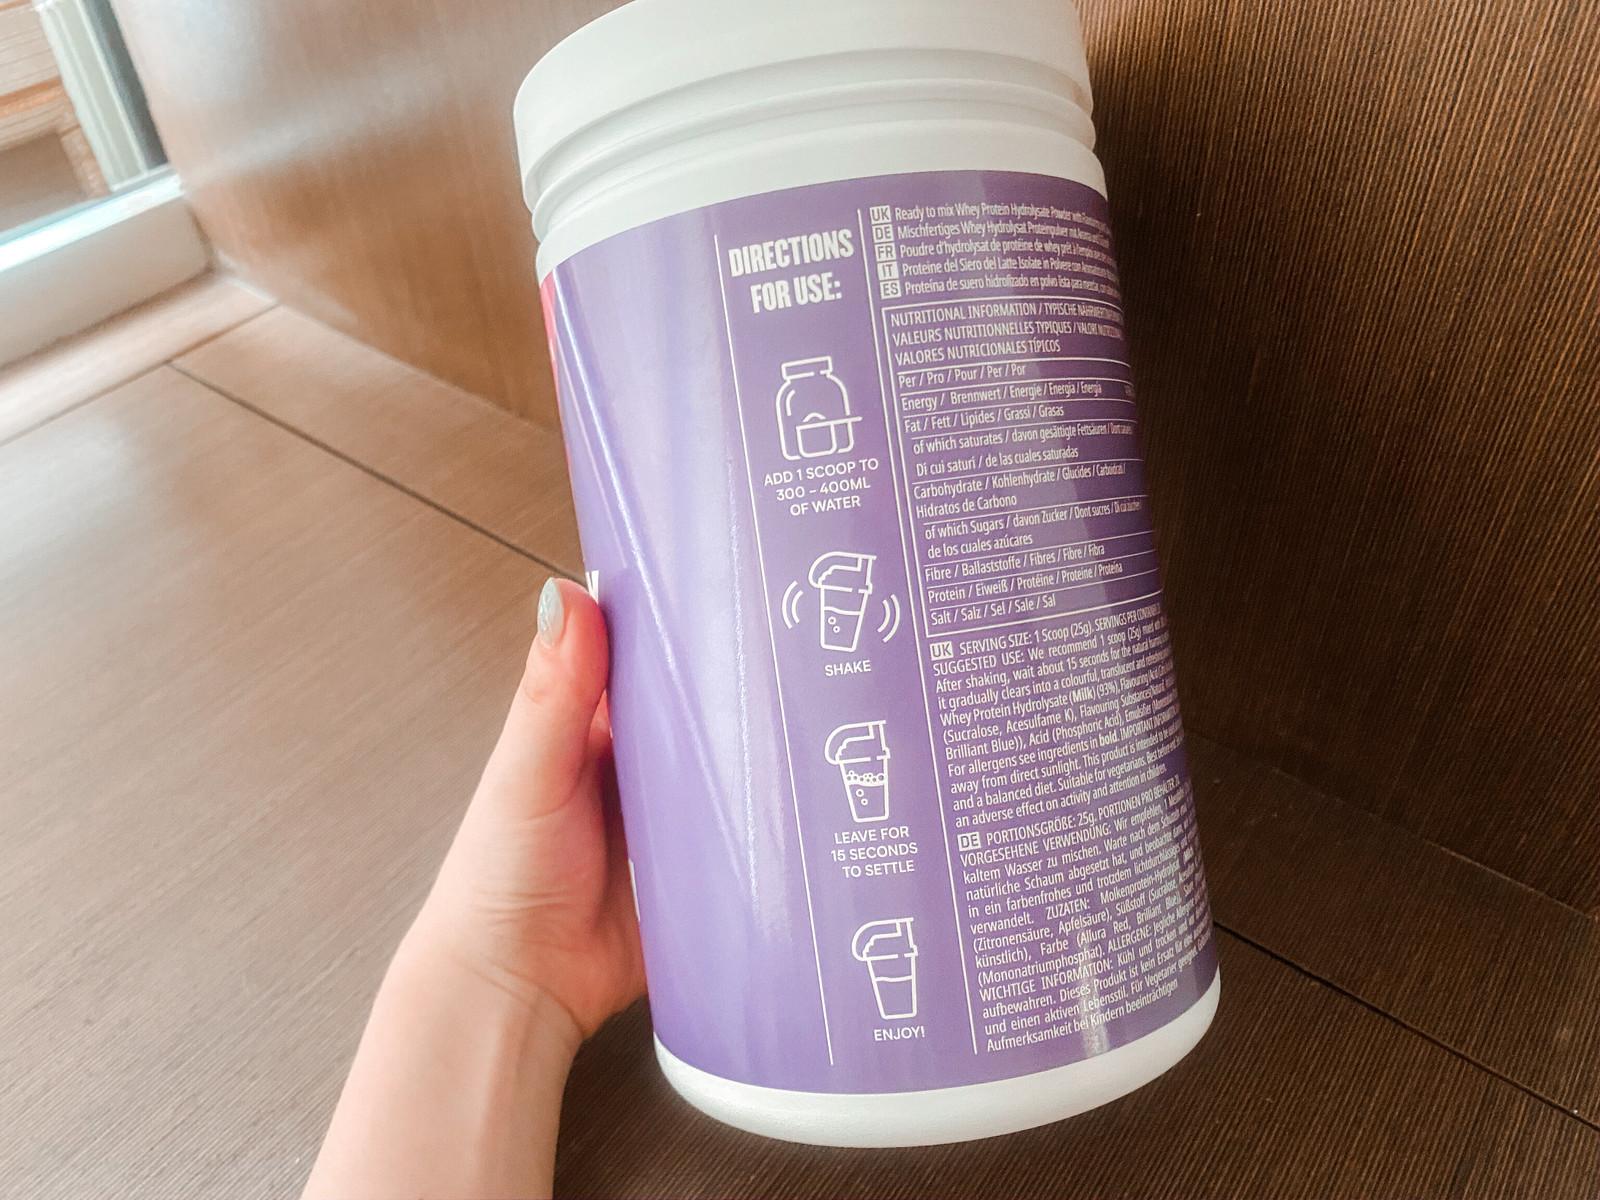 MYPROTEIN 乳清蛋白粉彩紅糖口味開箱|清爽果汁口感的高蛋白飲